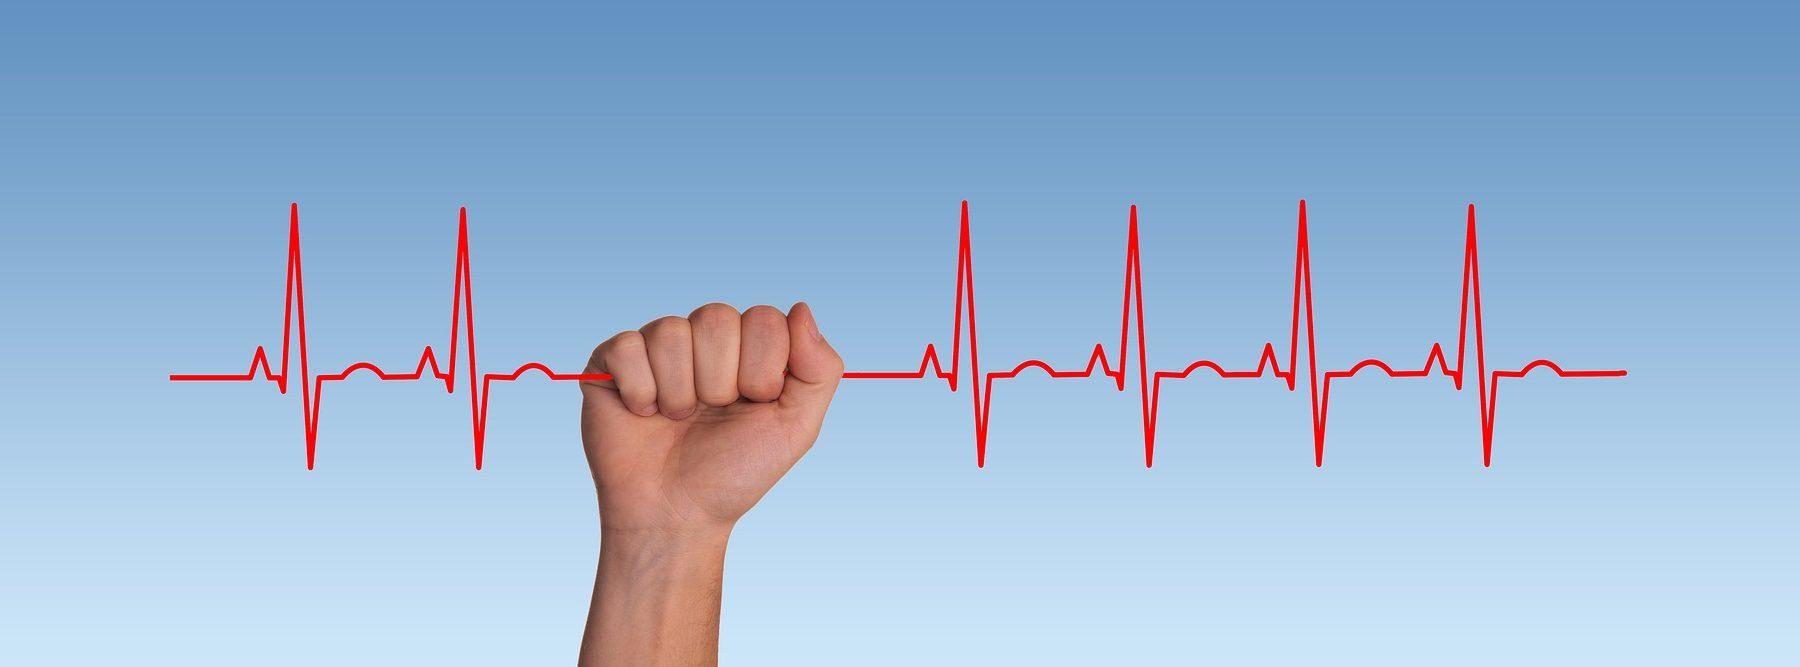 El Pentágono puede detectar los latidos de tu corazón a gran distancia